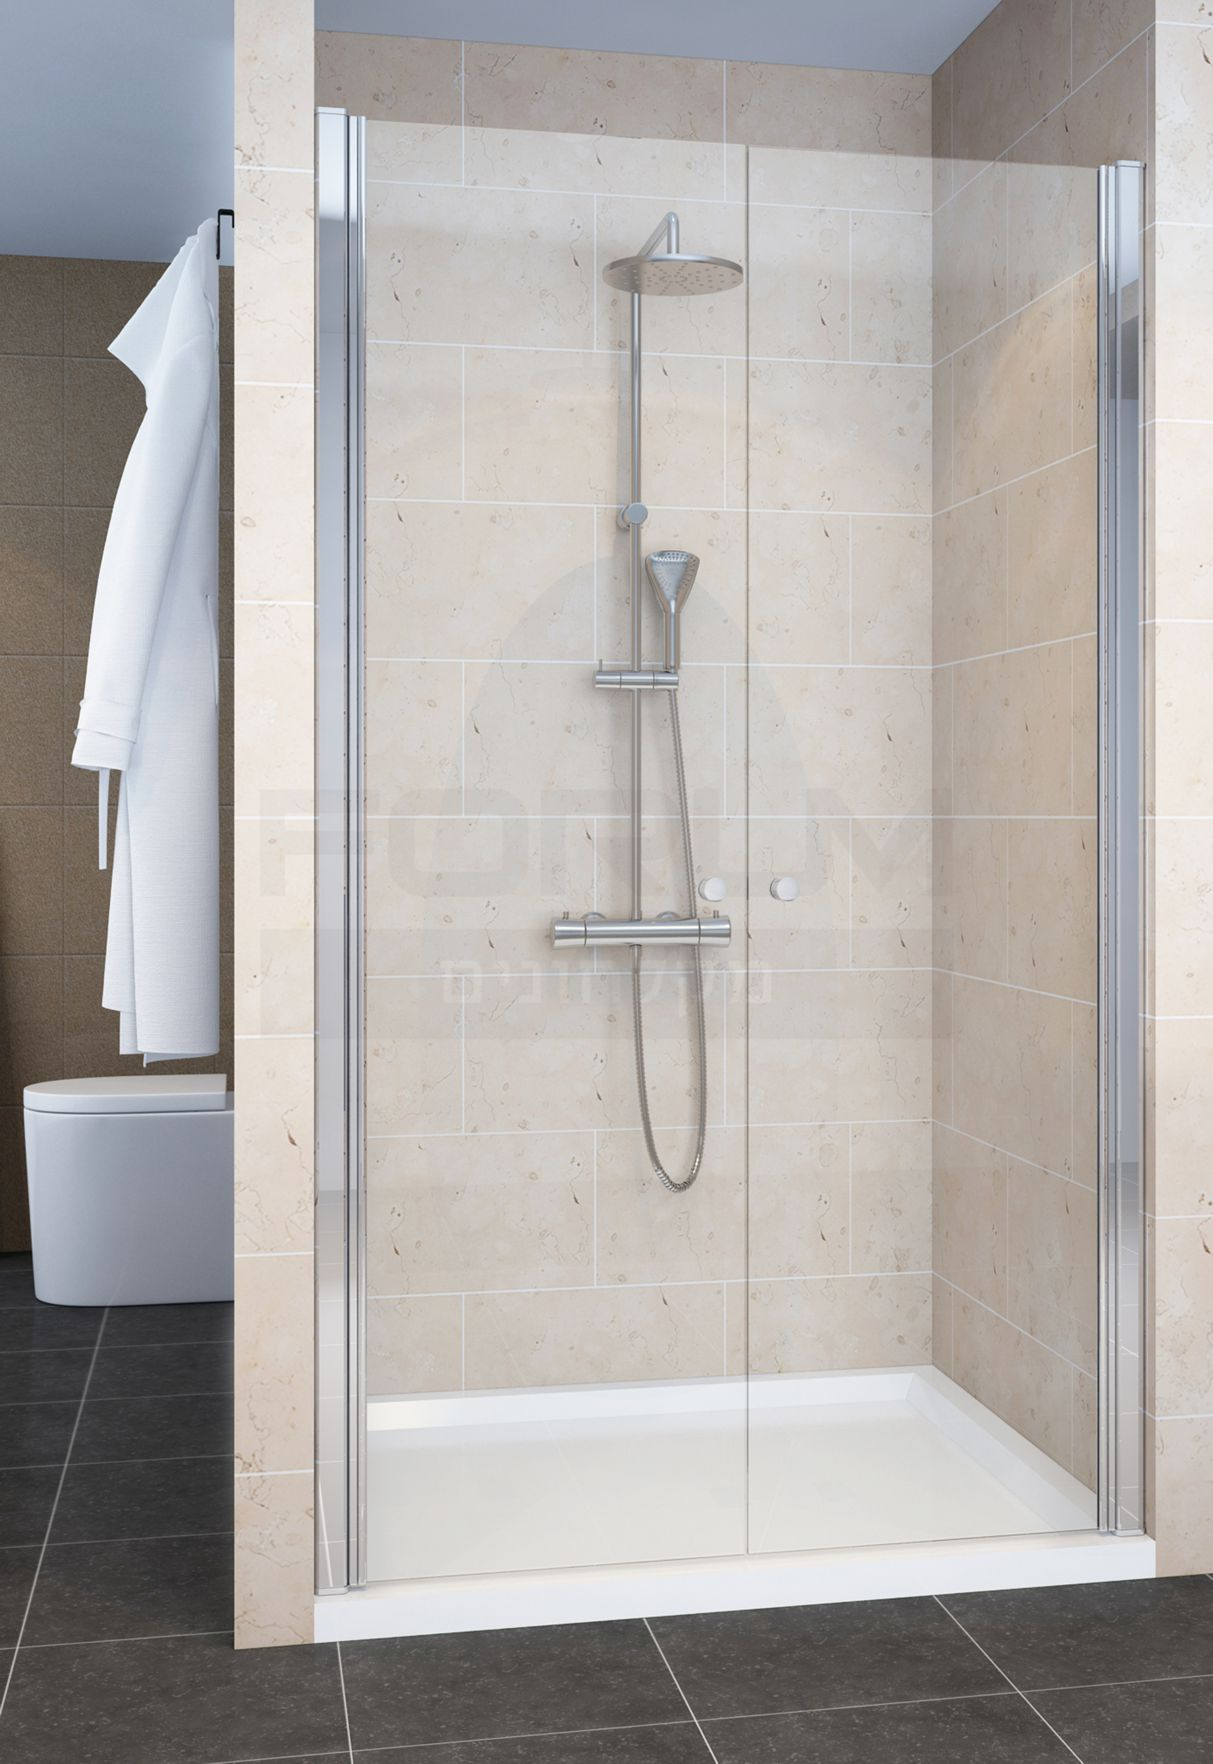 שונות מקלחונים מיוחדים | פורום אביזרים UV-79